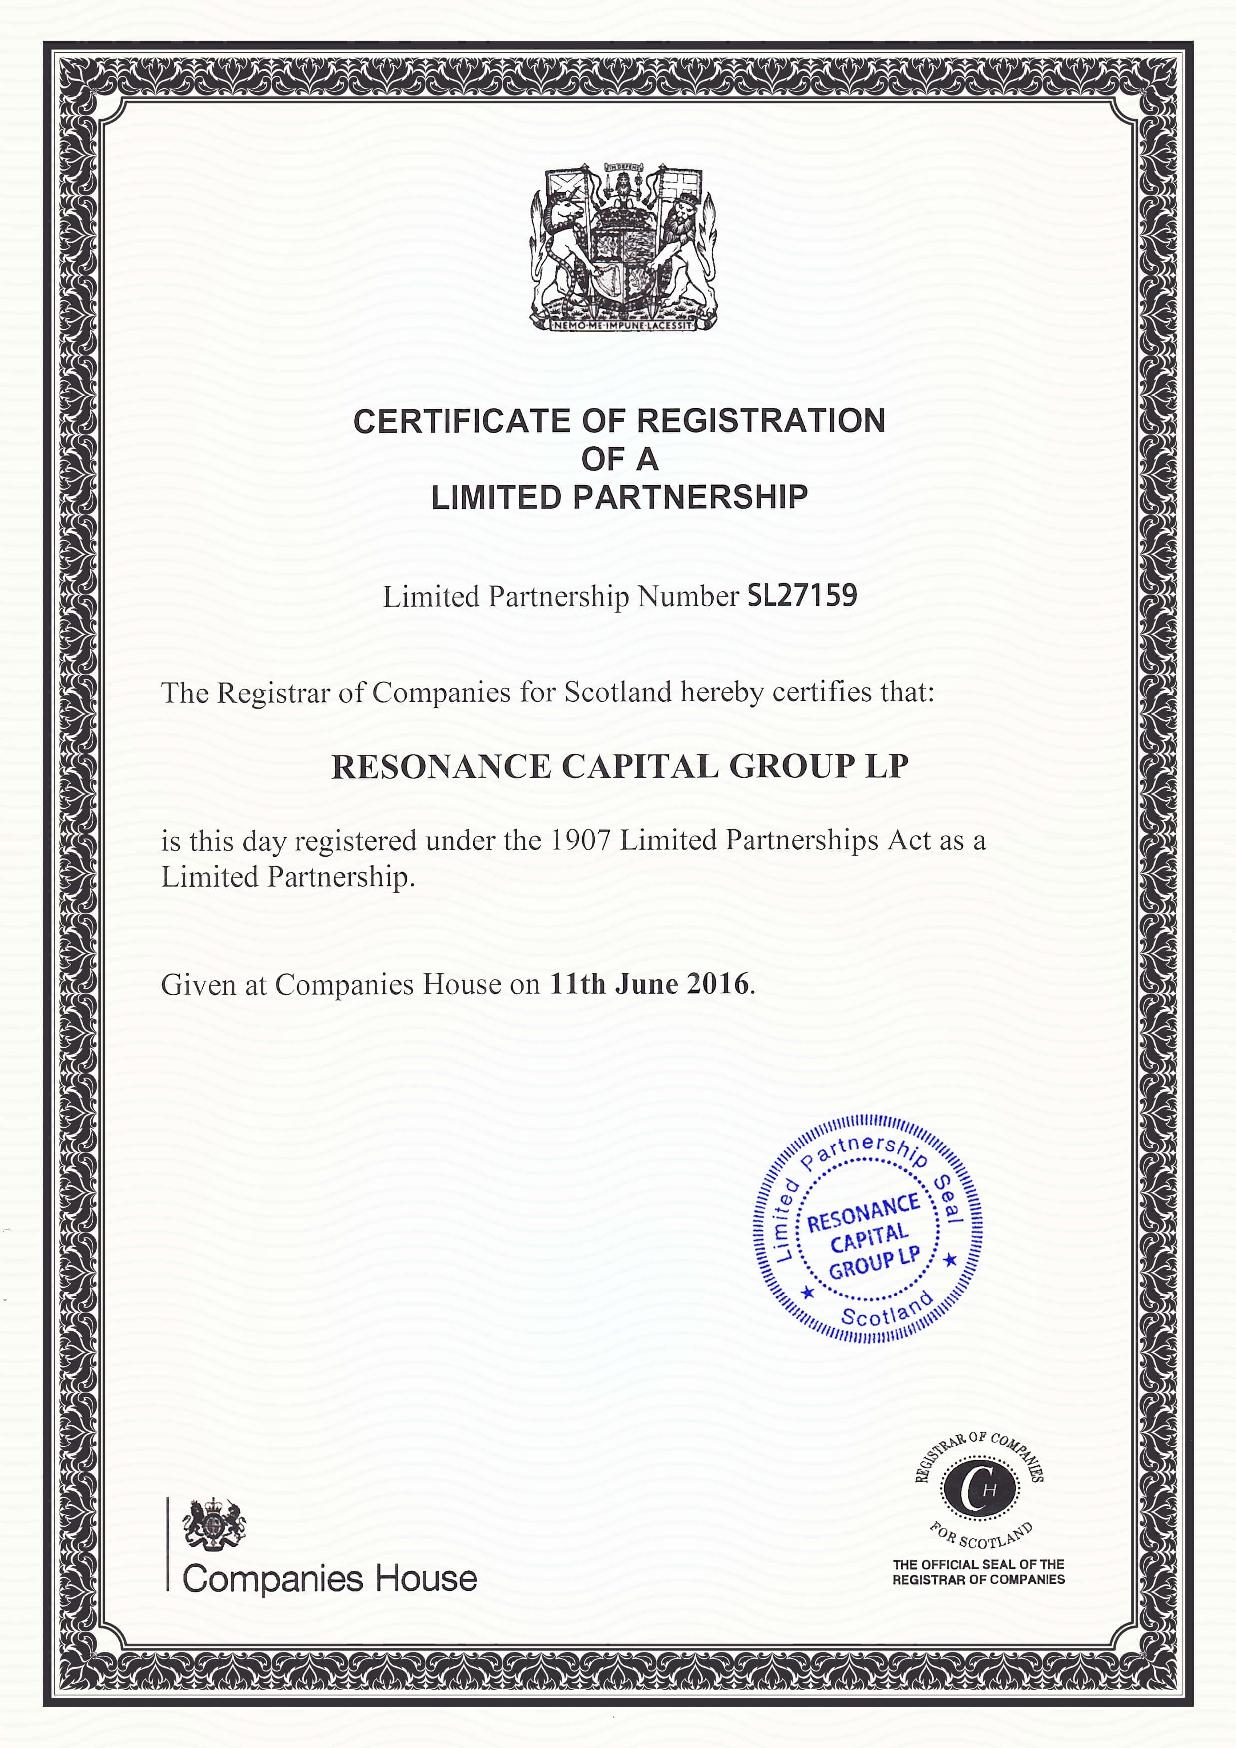 https://s3.eu-west-2.amazonaws.com/rcglp/certificate/1.jpg